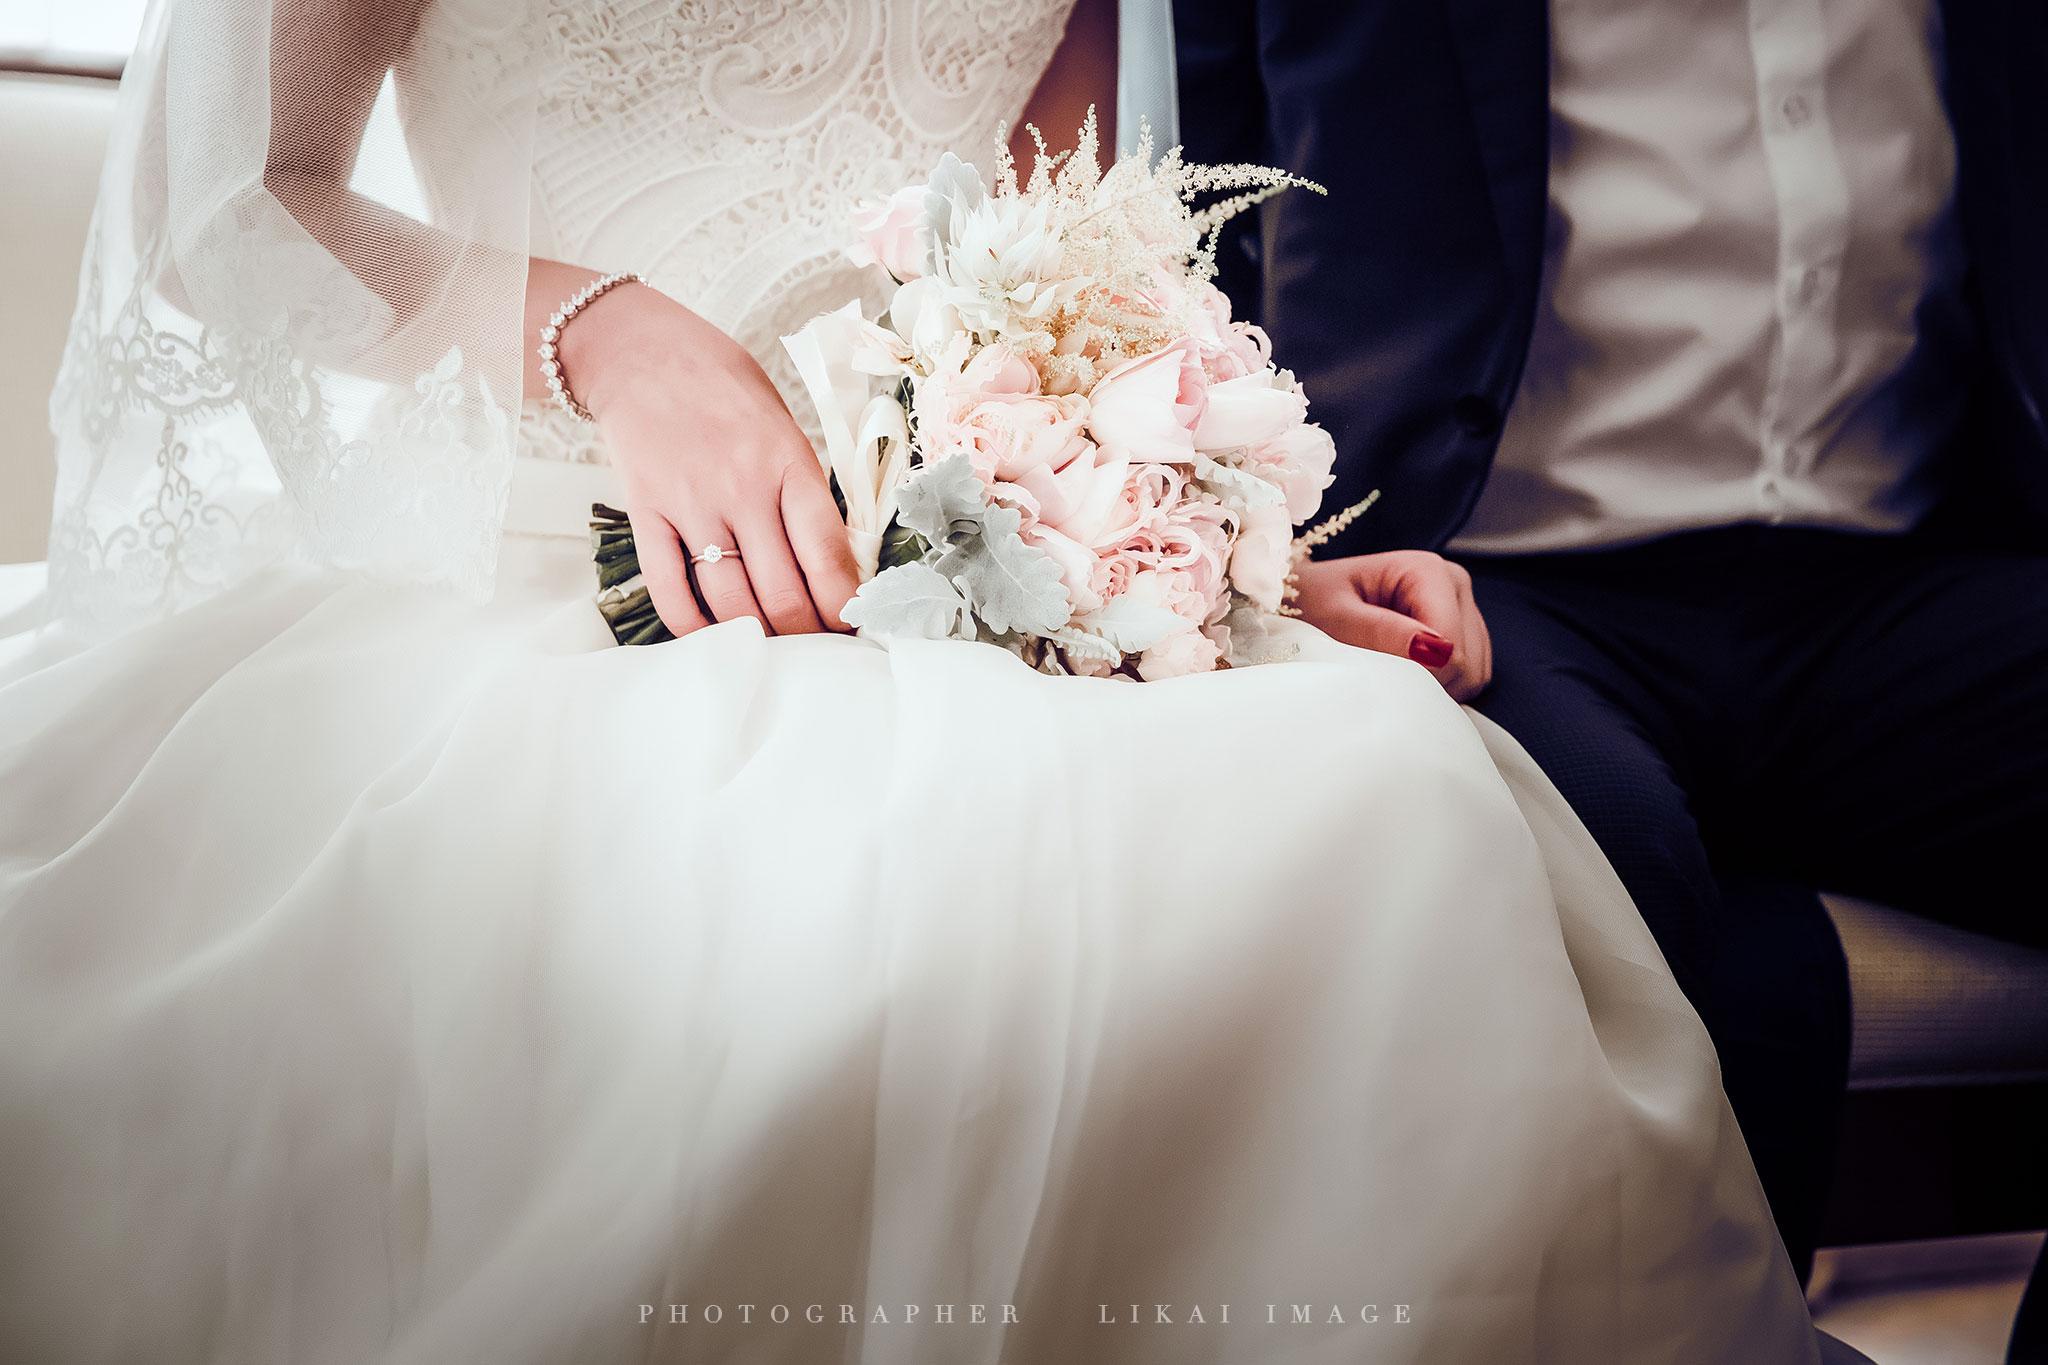 婚禮紀錄 - Ivory & Peter - 文華東方酒店